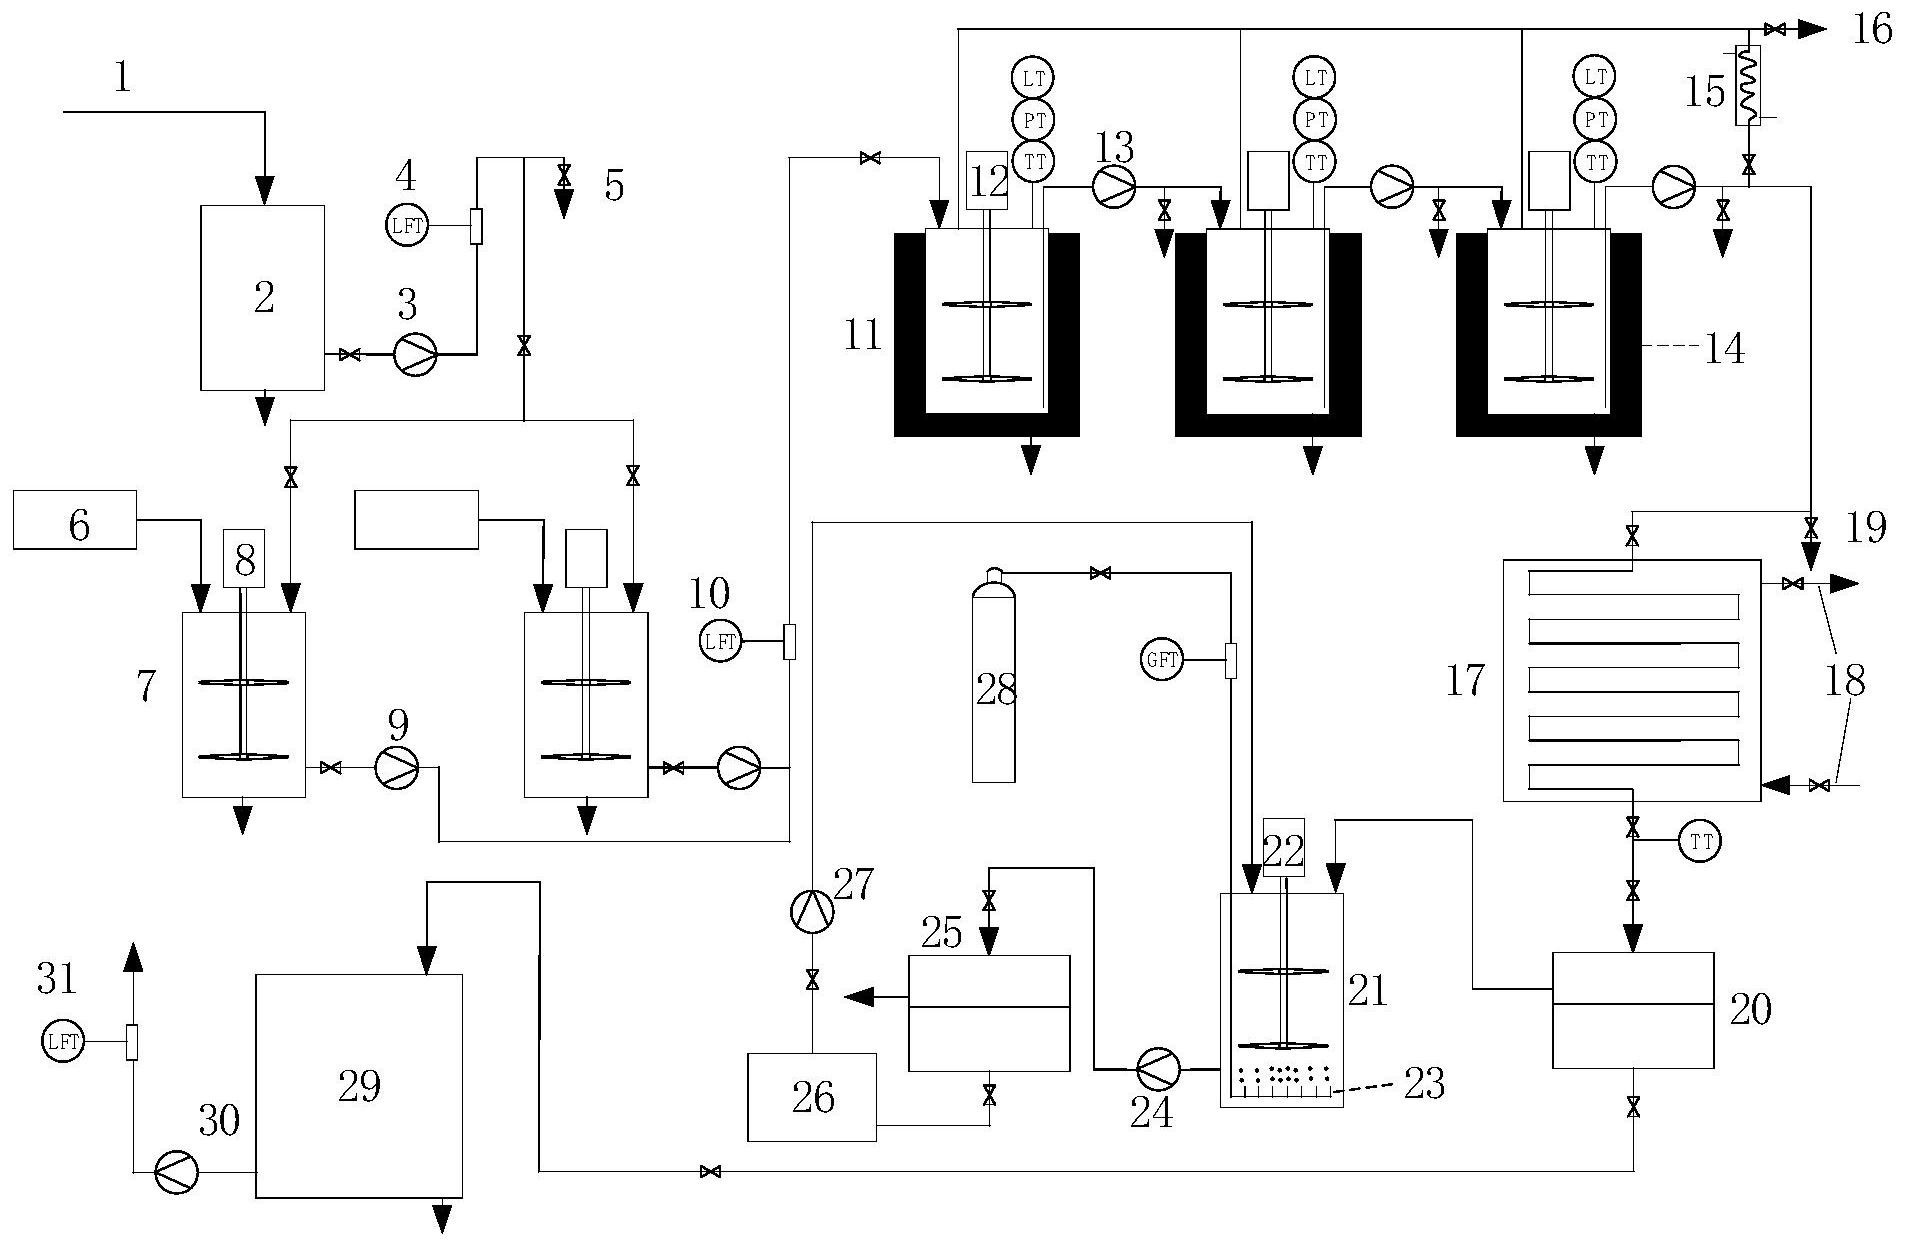 一种通过苛化反应制备微米级均质碳酸钙的装置及工艺